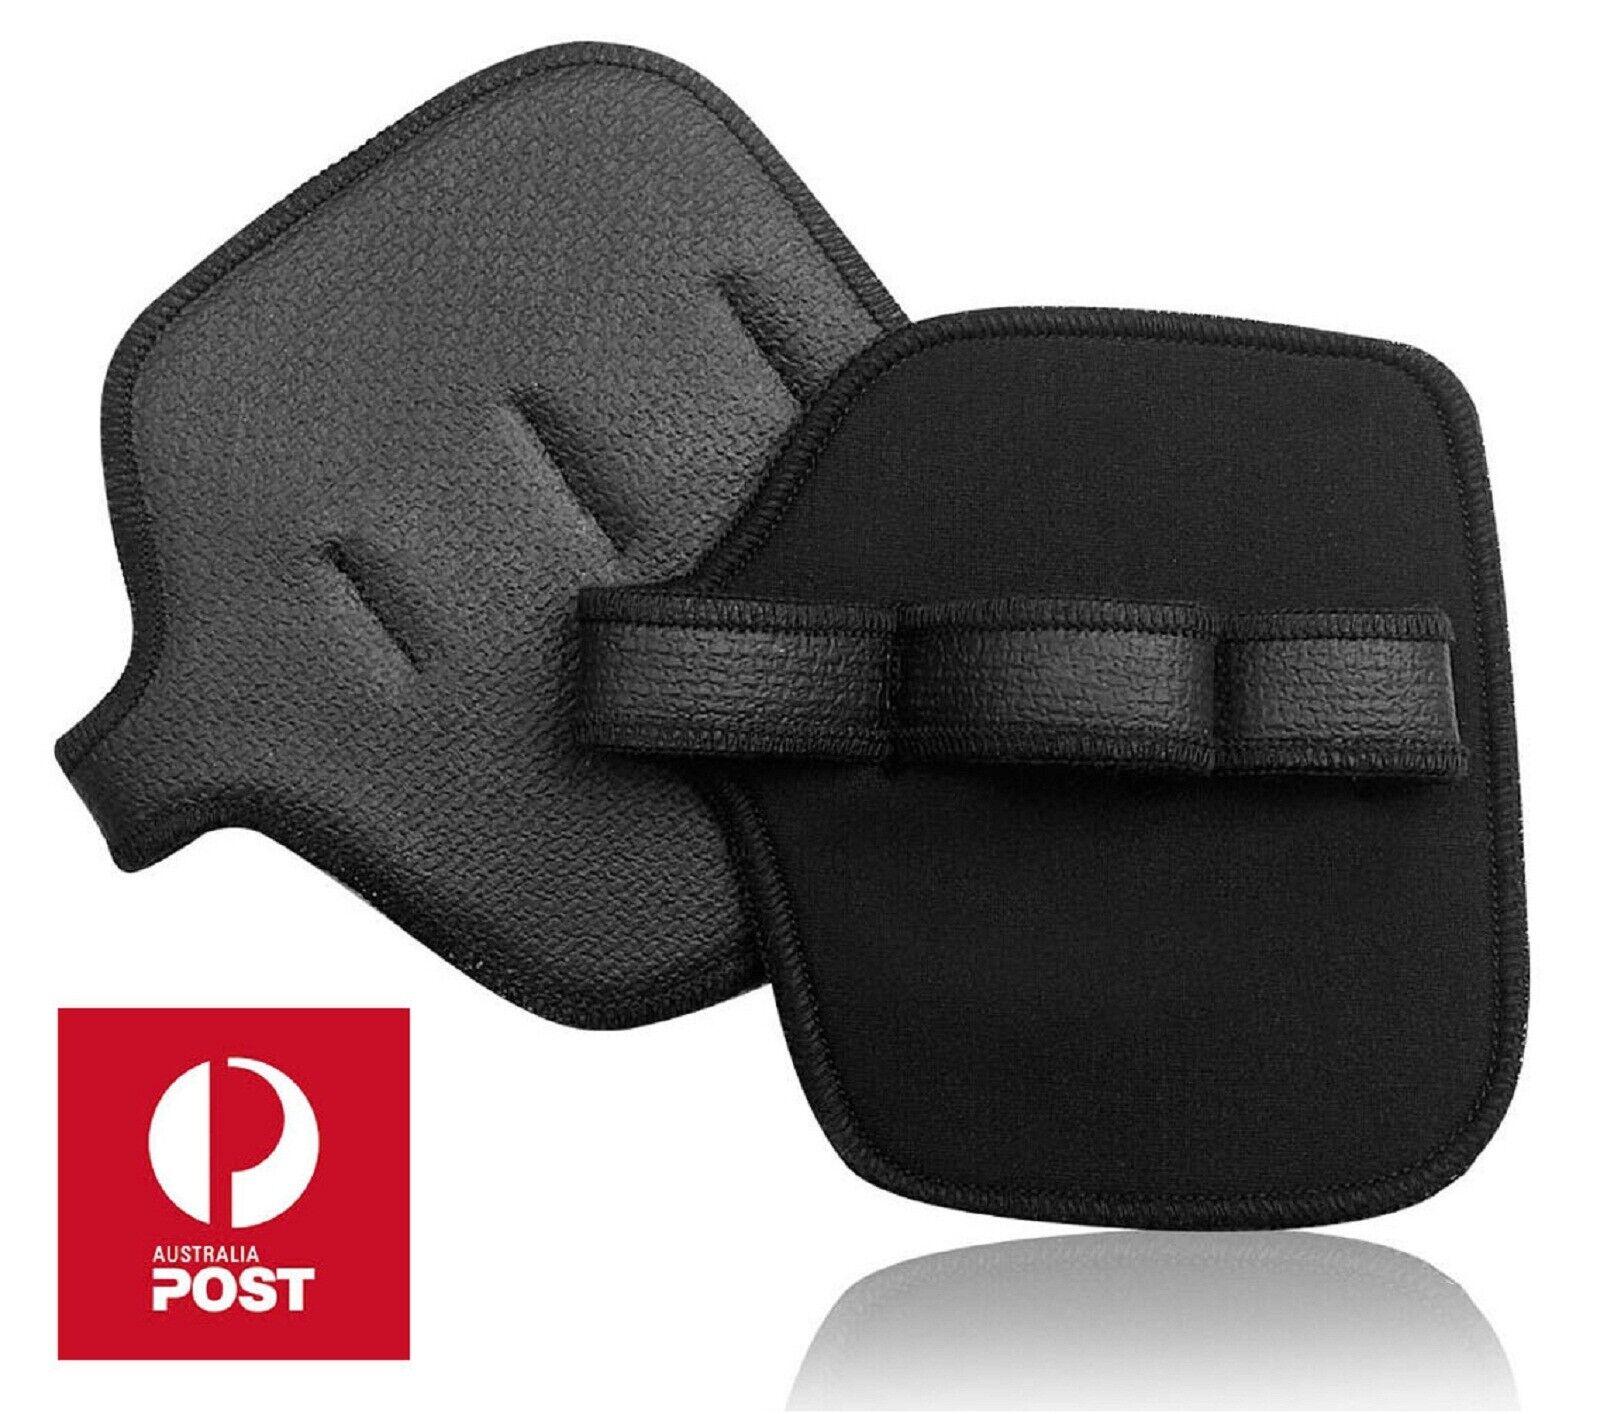 Almohadillas de Agarre Fitness CrossFit Entrenamiento Gimnasio Guantes de levantamiento de pesas Almohadilla Almohadillas de agarre firme